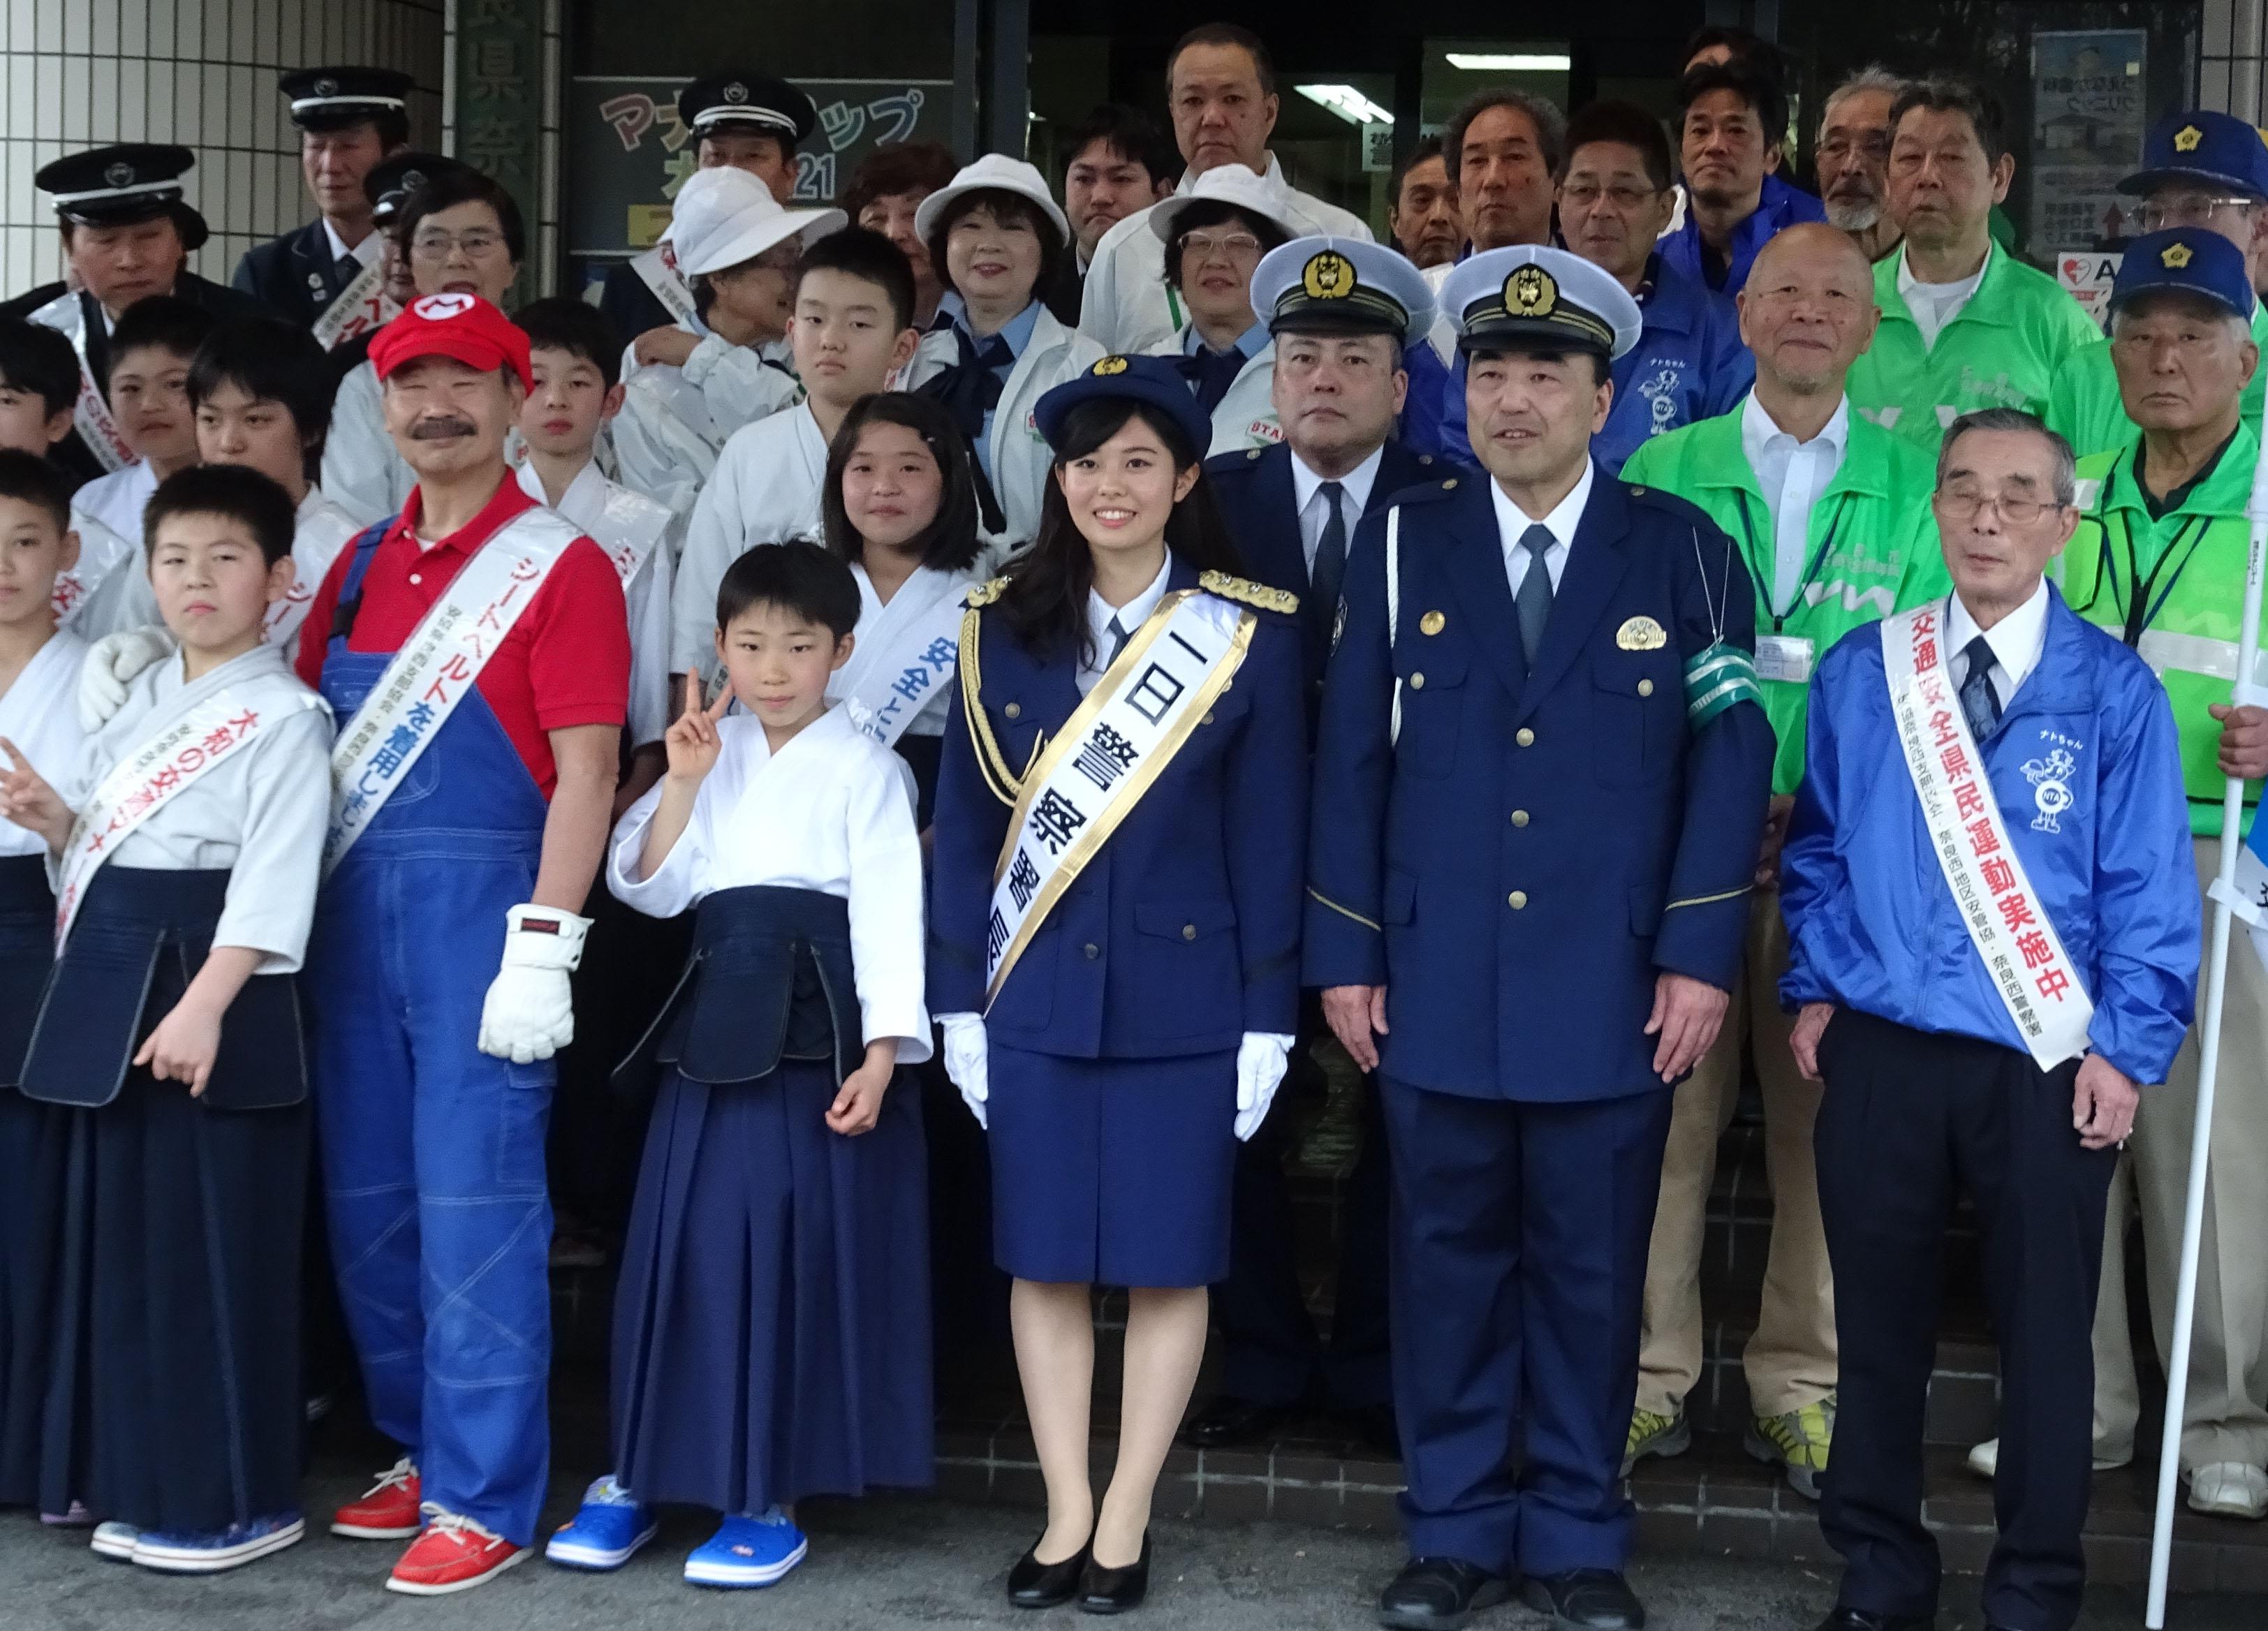 イベント終了後、奈良西警察署前で記念撮影